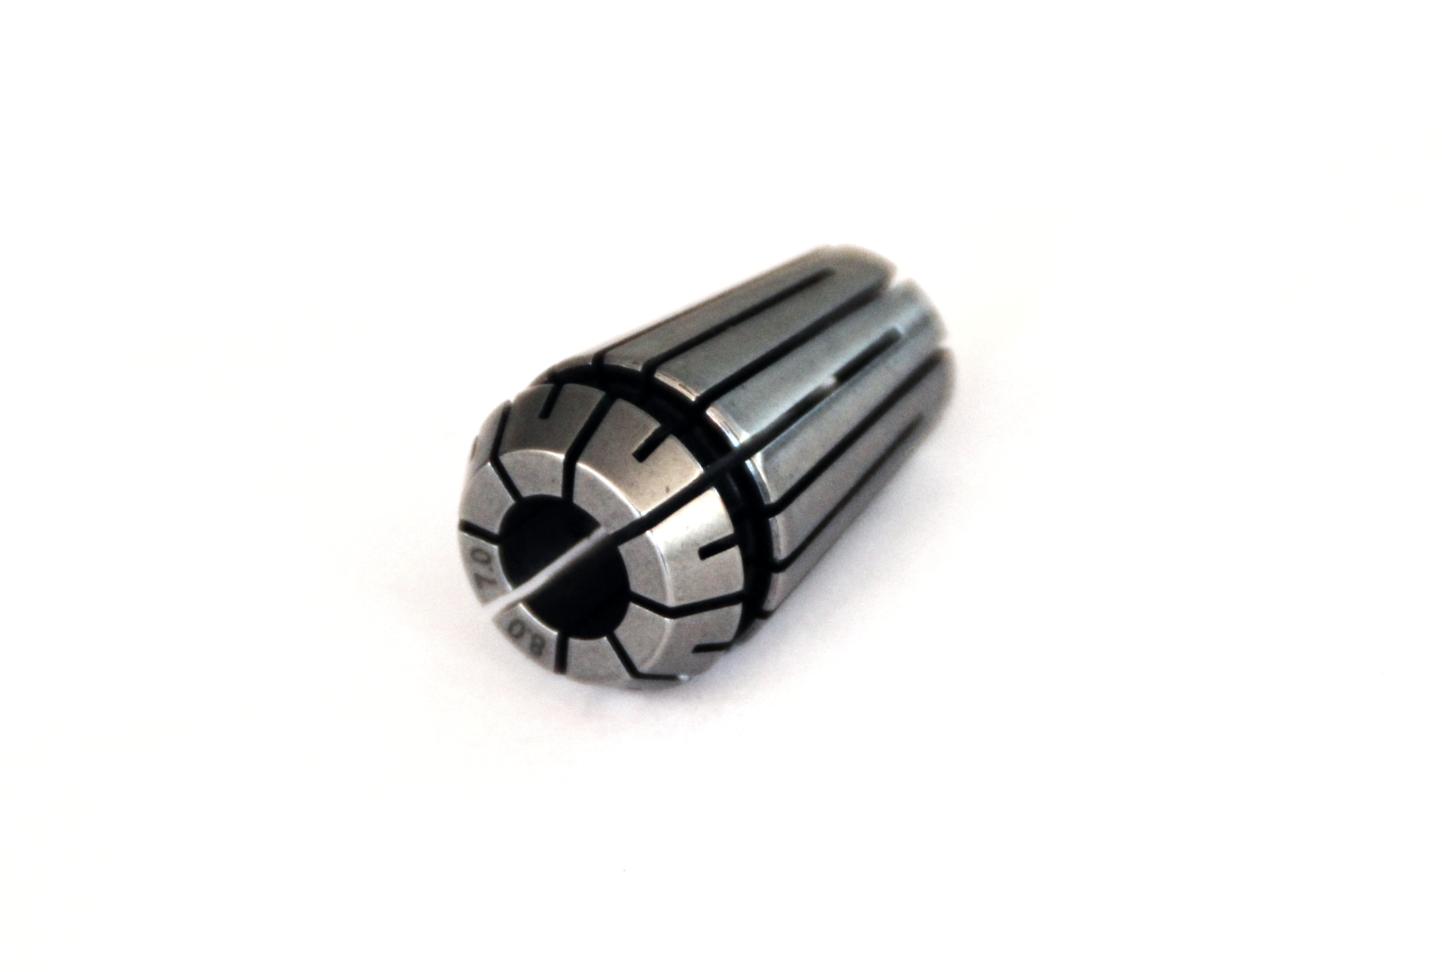 Spannzange ER11 4008E DIN ISO 15488 B - 3,0mm(B)